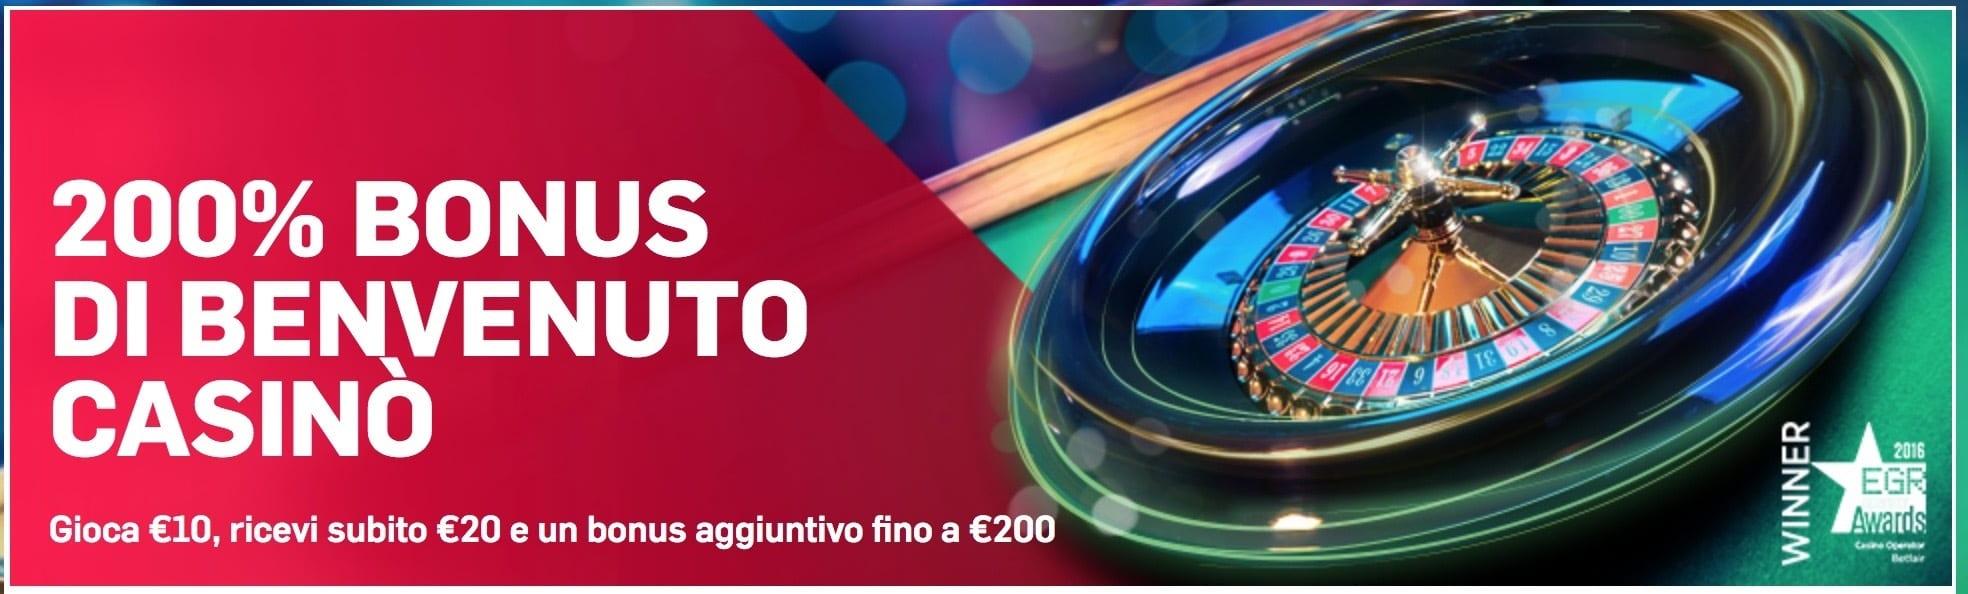 betfair casino promozione